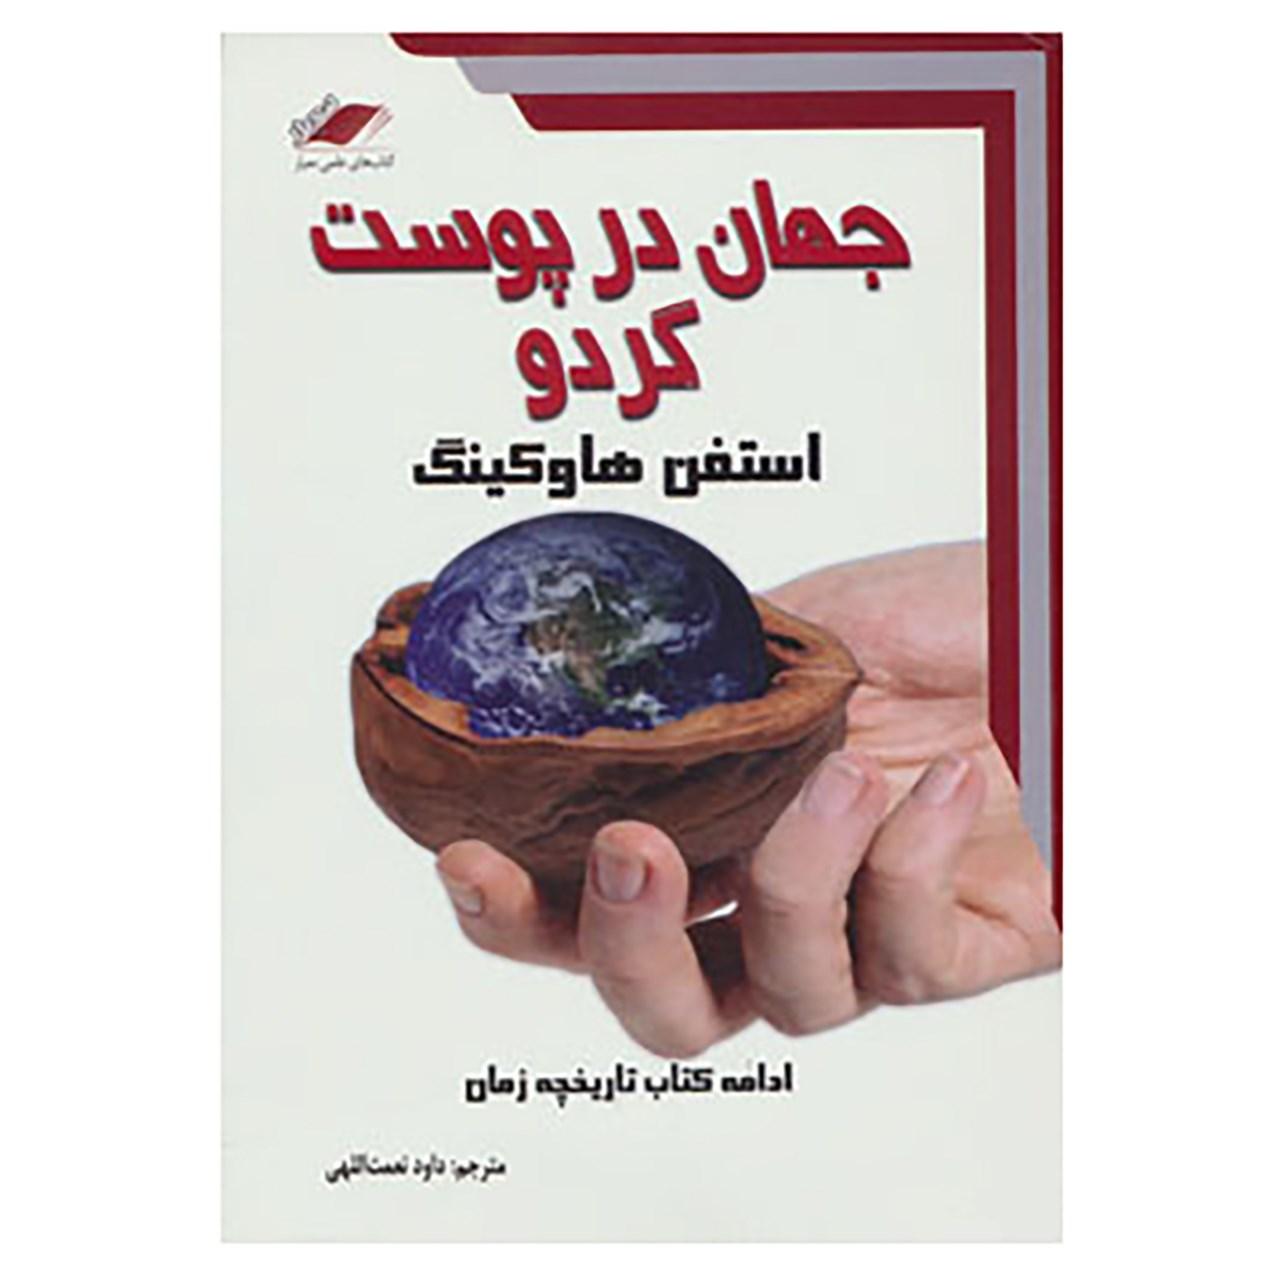 خرید                      کتاب جهان در پوست گردو اثر استیون هاوکینگ